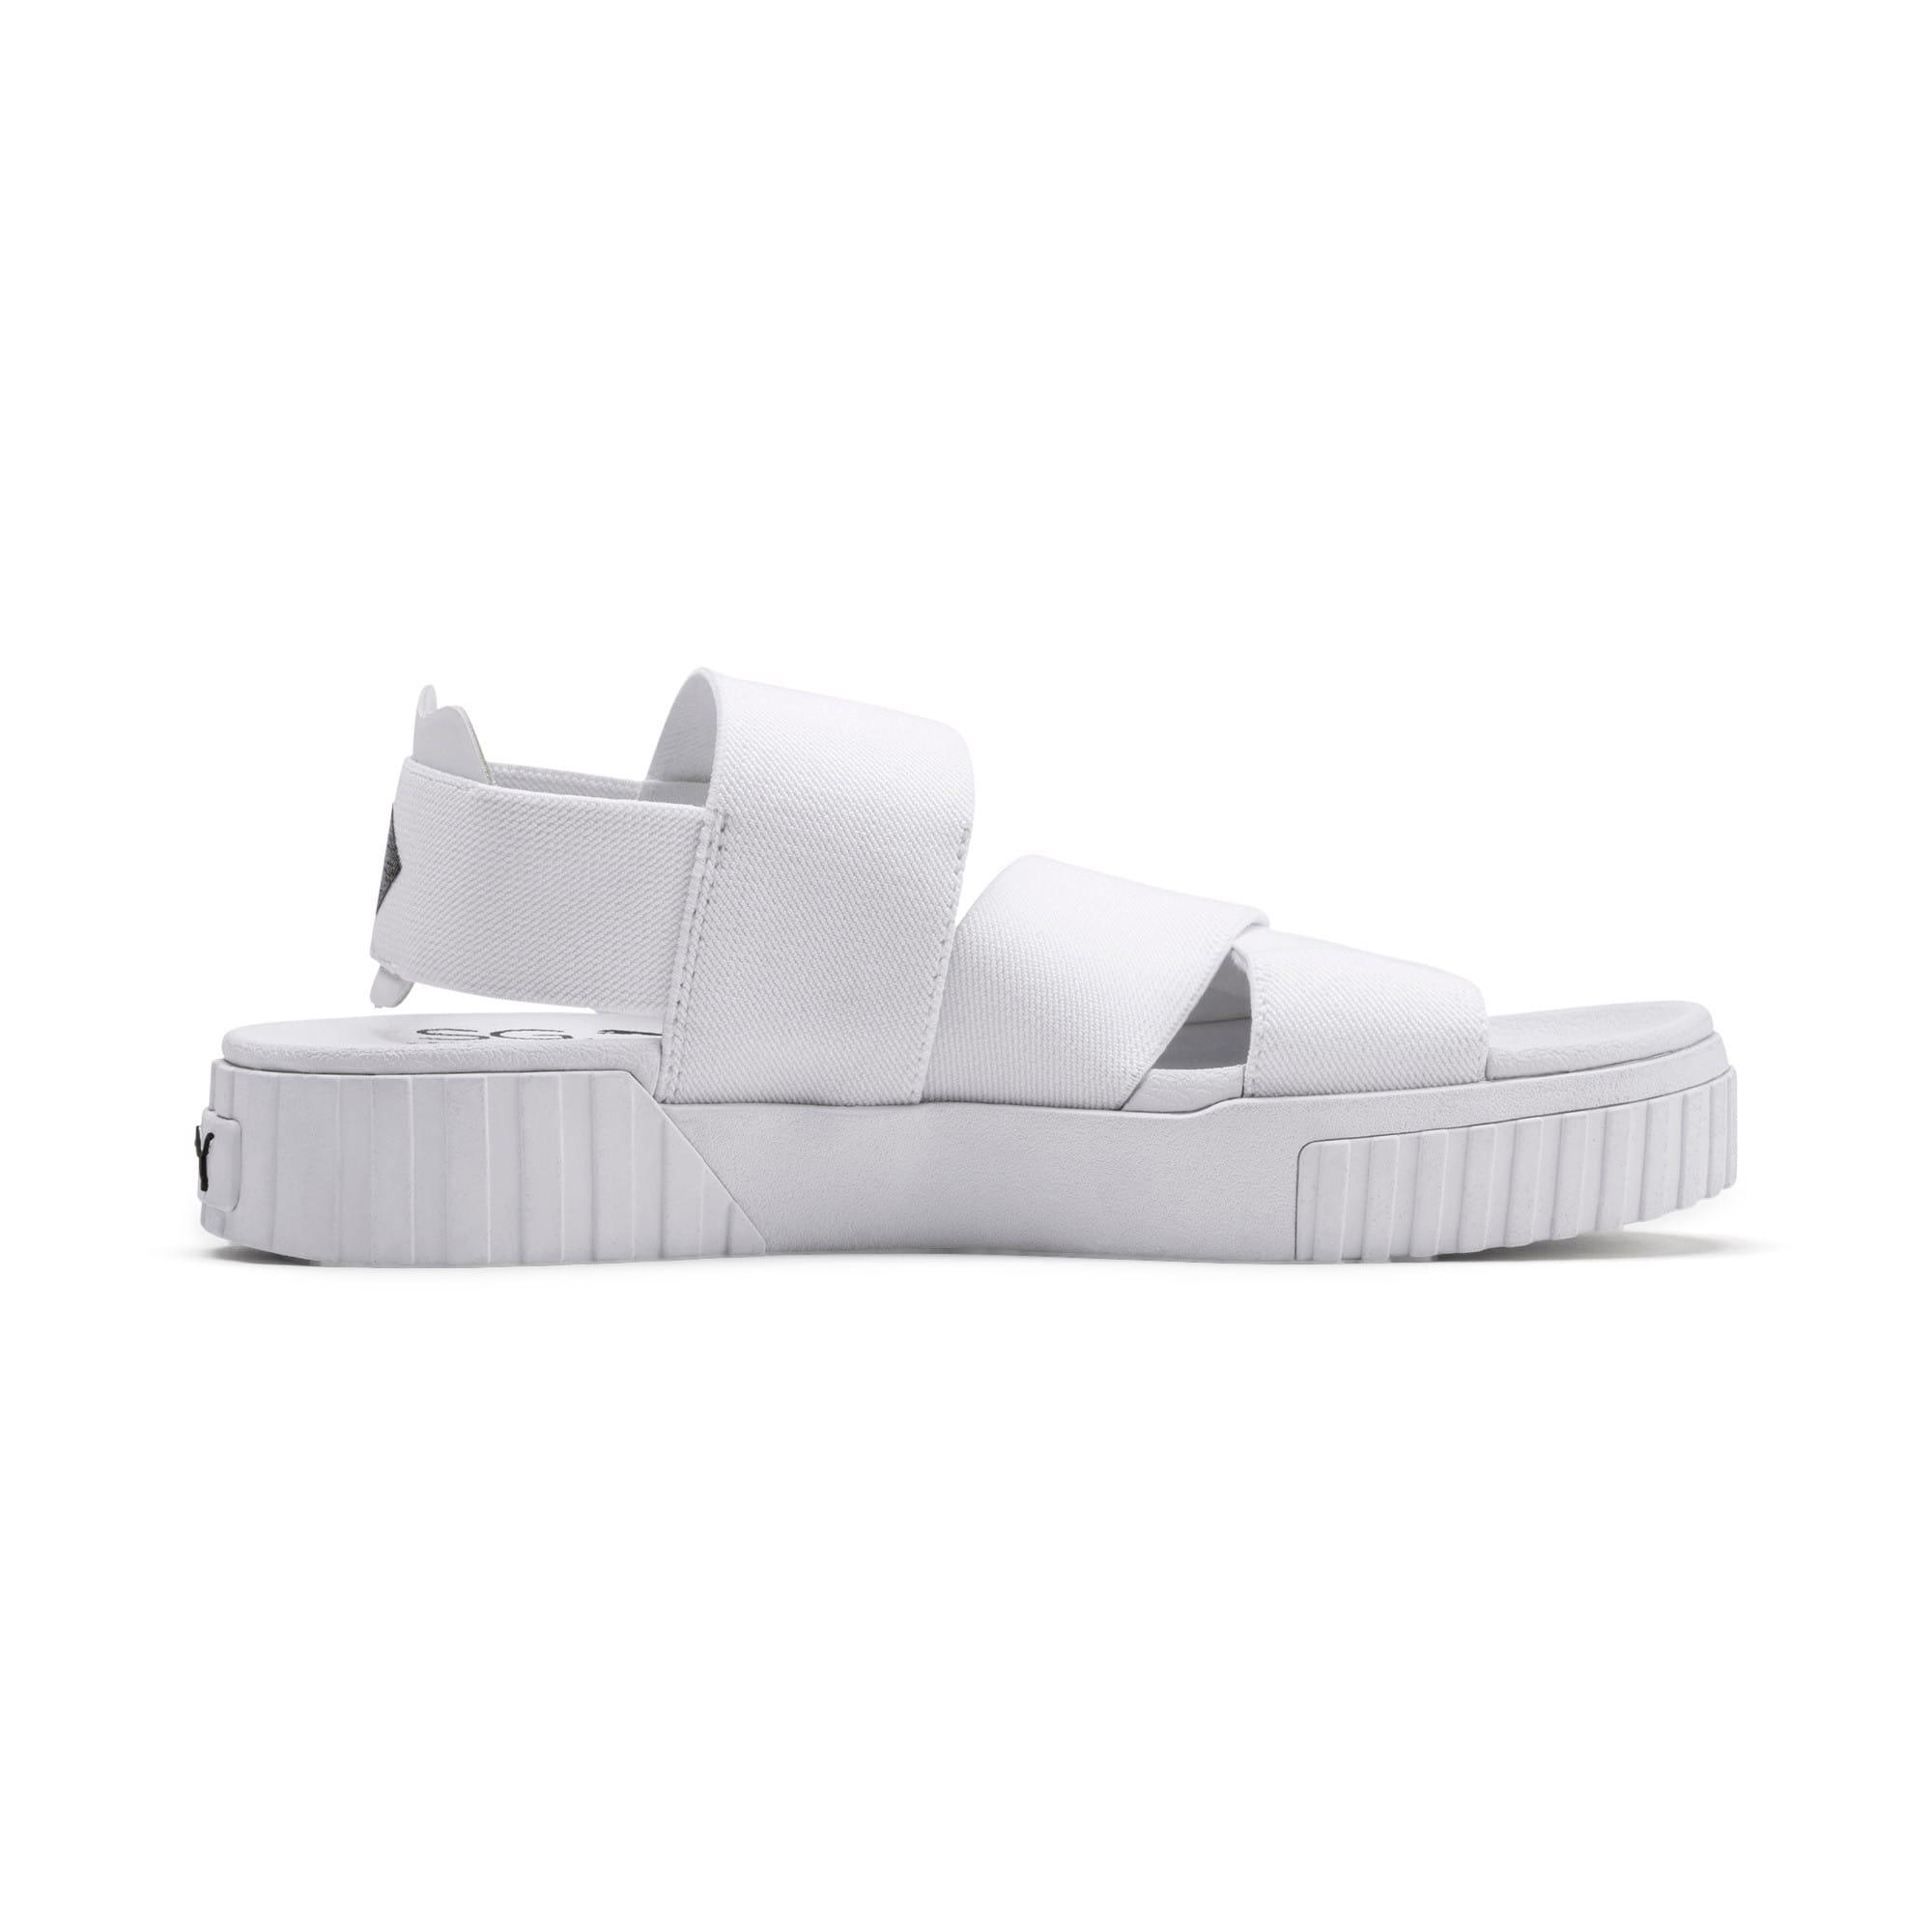 Miniatura 6 de Sandalias SG x Cali, Puma White, mediano